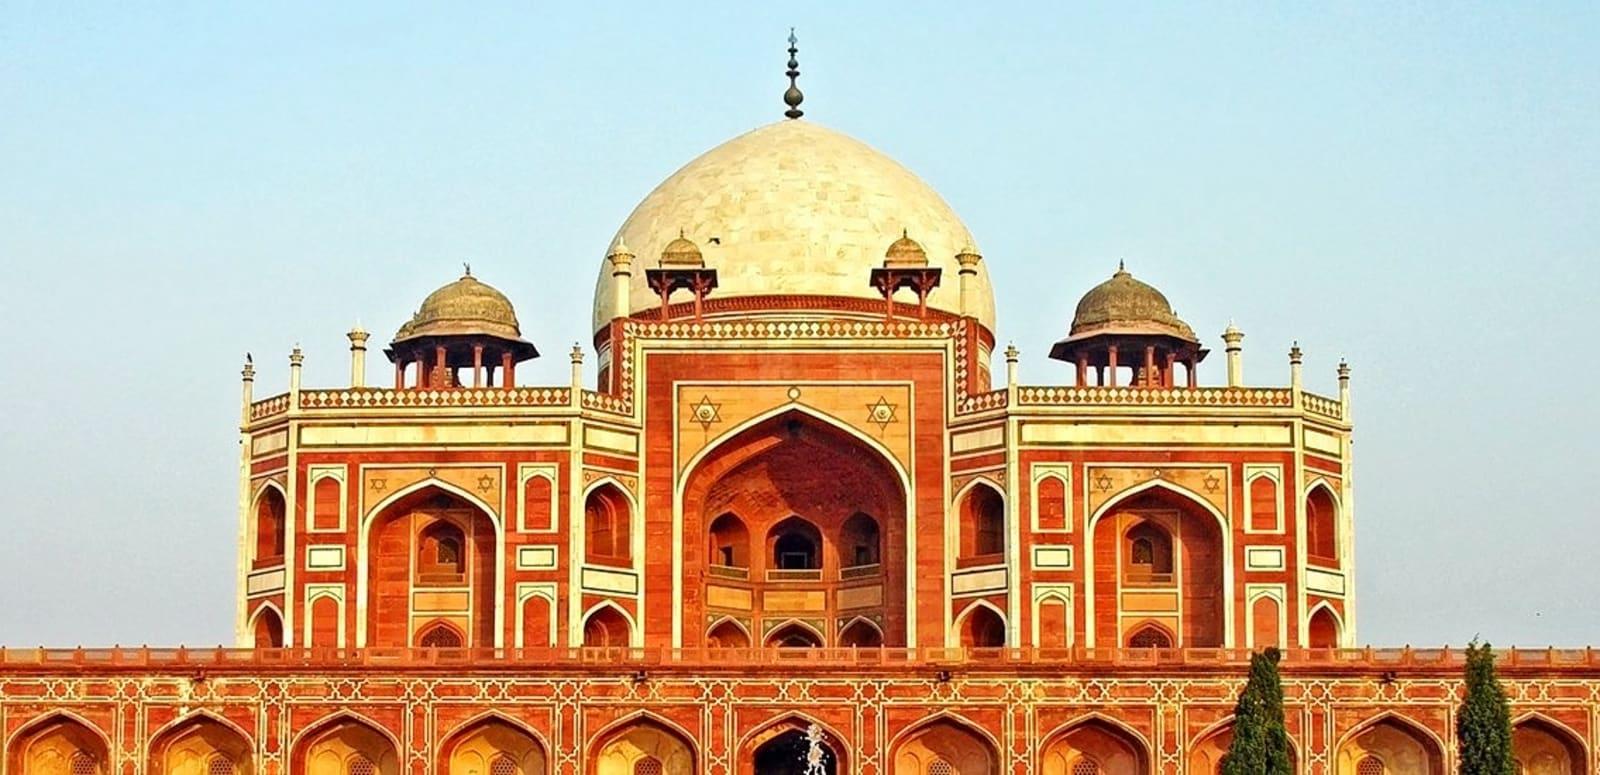 Delhi-by_dennis_jarvis-flickr.jpg